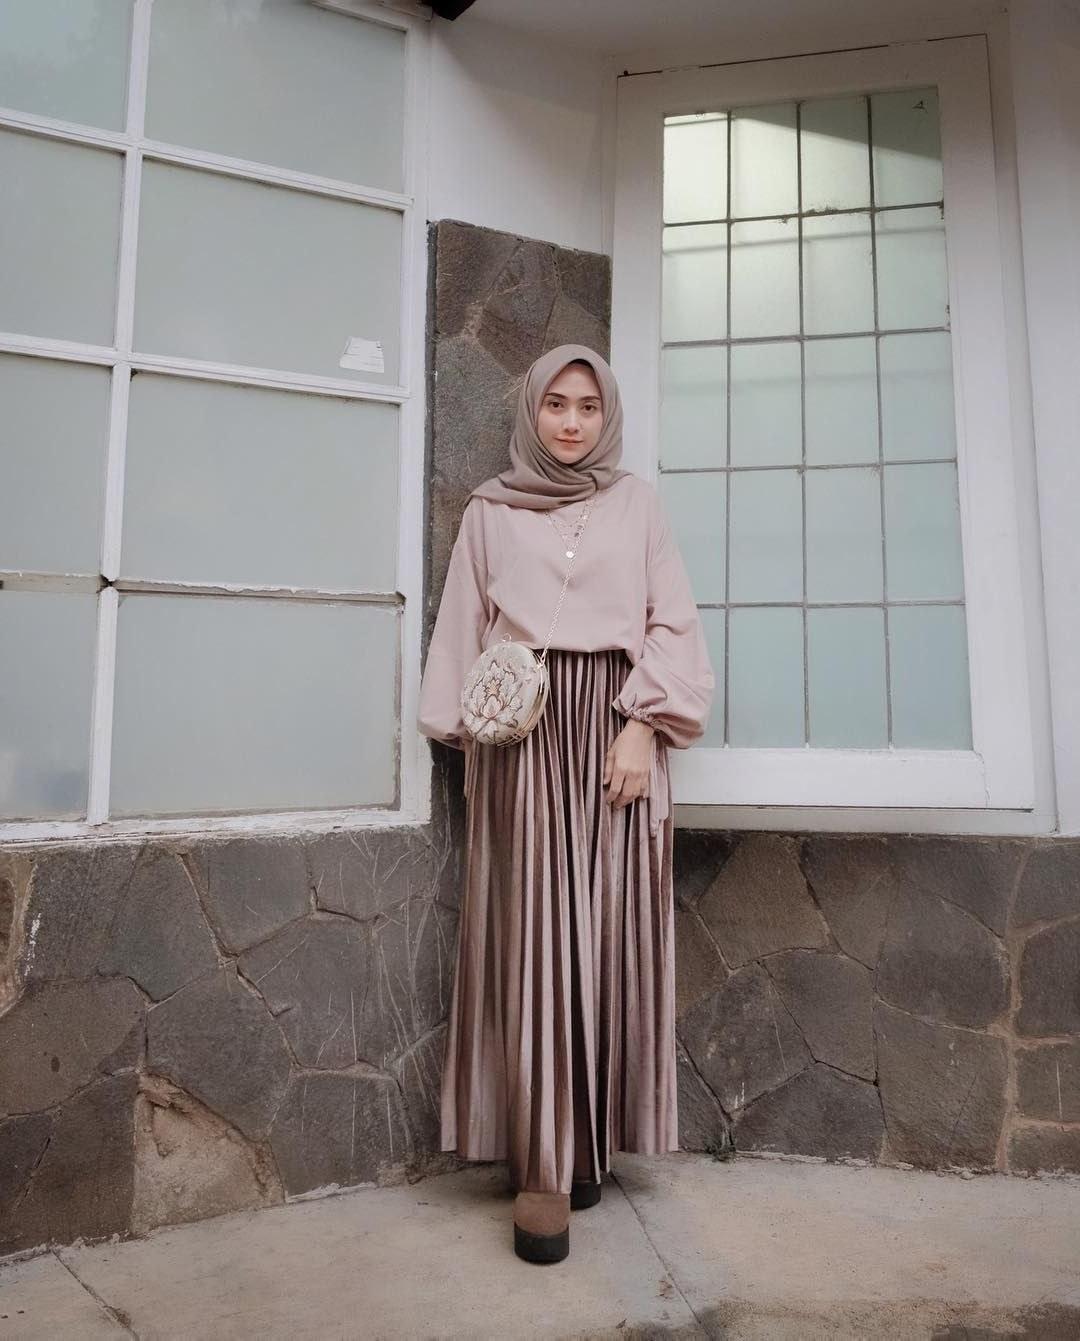 Model Referensi Baju Lebaran Etdg Baju Lebaran 2020 Untuk Remaja Mainmata Studio